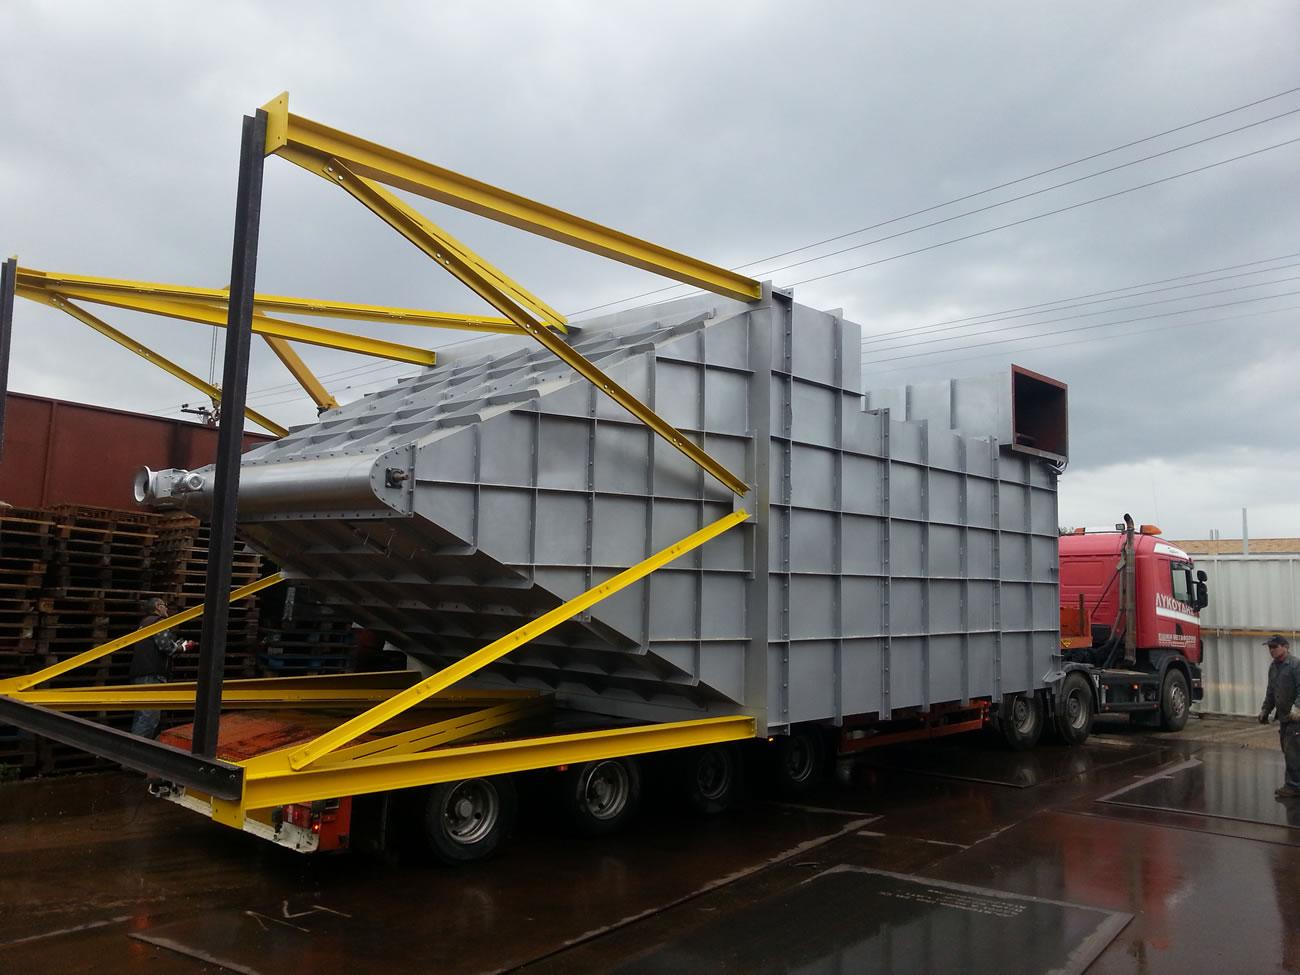 Μεταφορά φίλτρου 550 μ² αποκονίωσης λέβητα βιομάζας